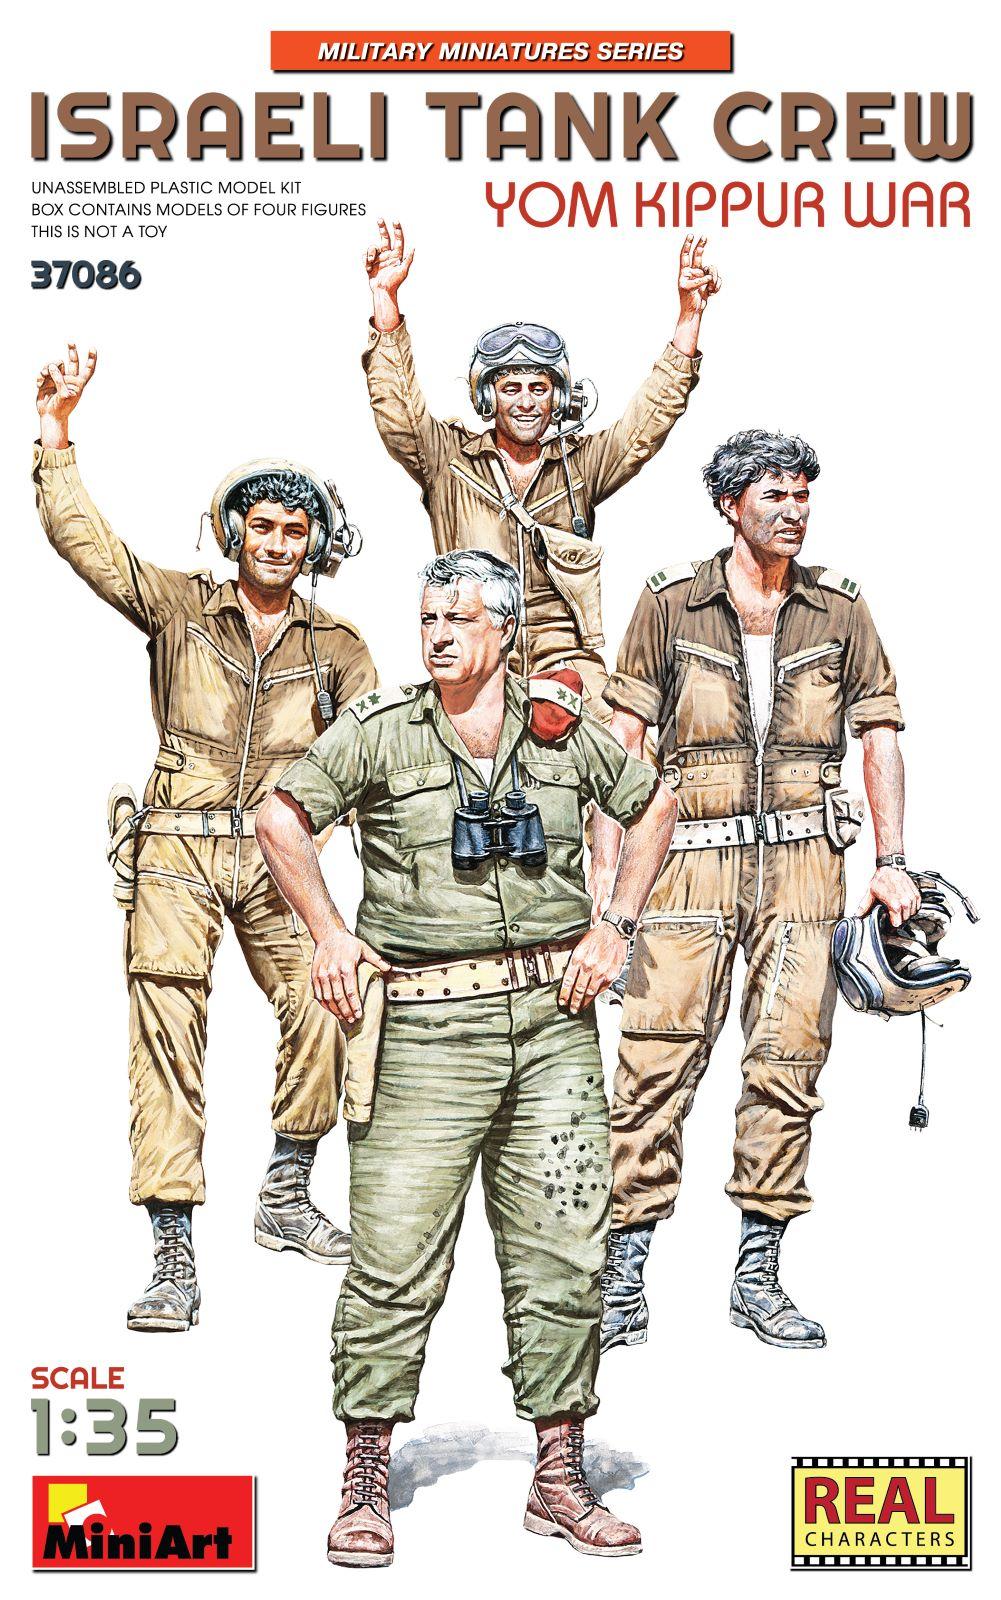 1/35 Israeli Tank Crew. Yom Kippur War - Miniart